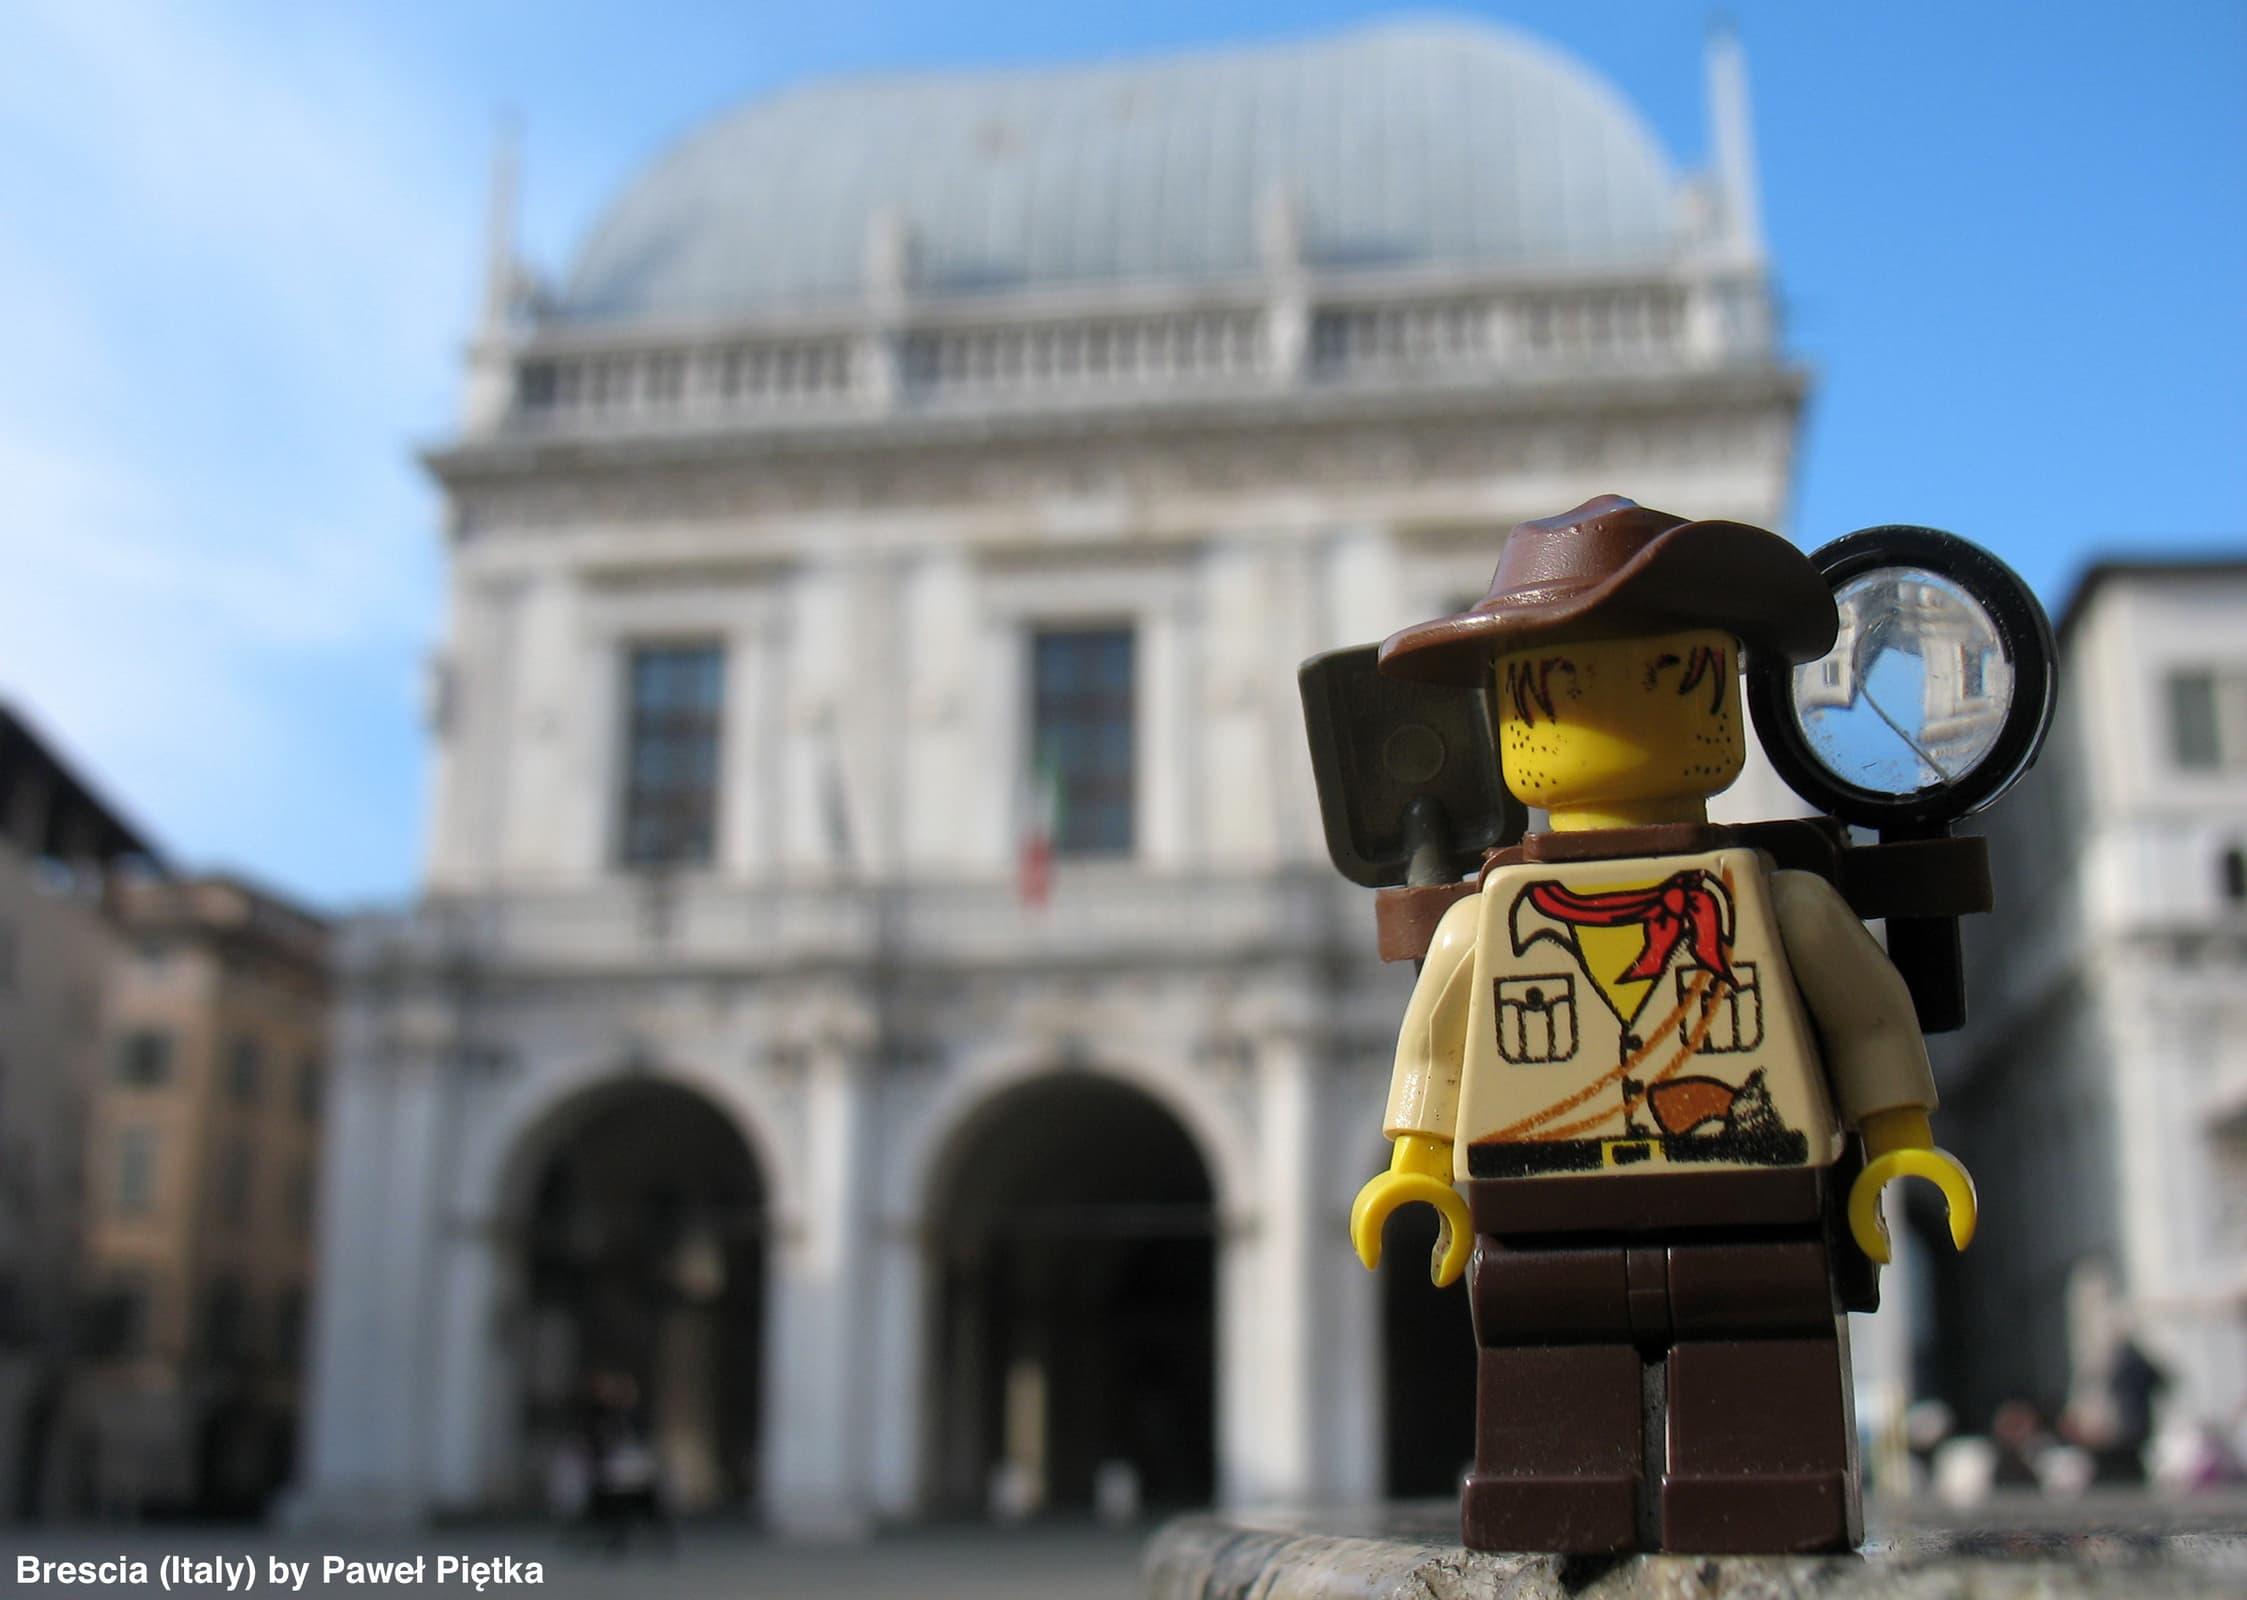 Brescia (Italy) - City Hall